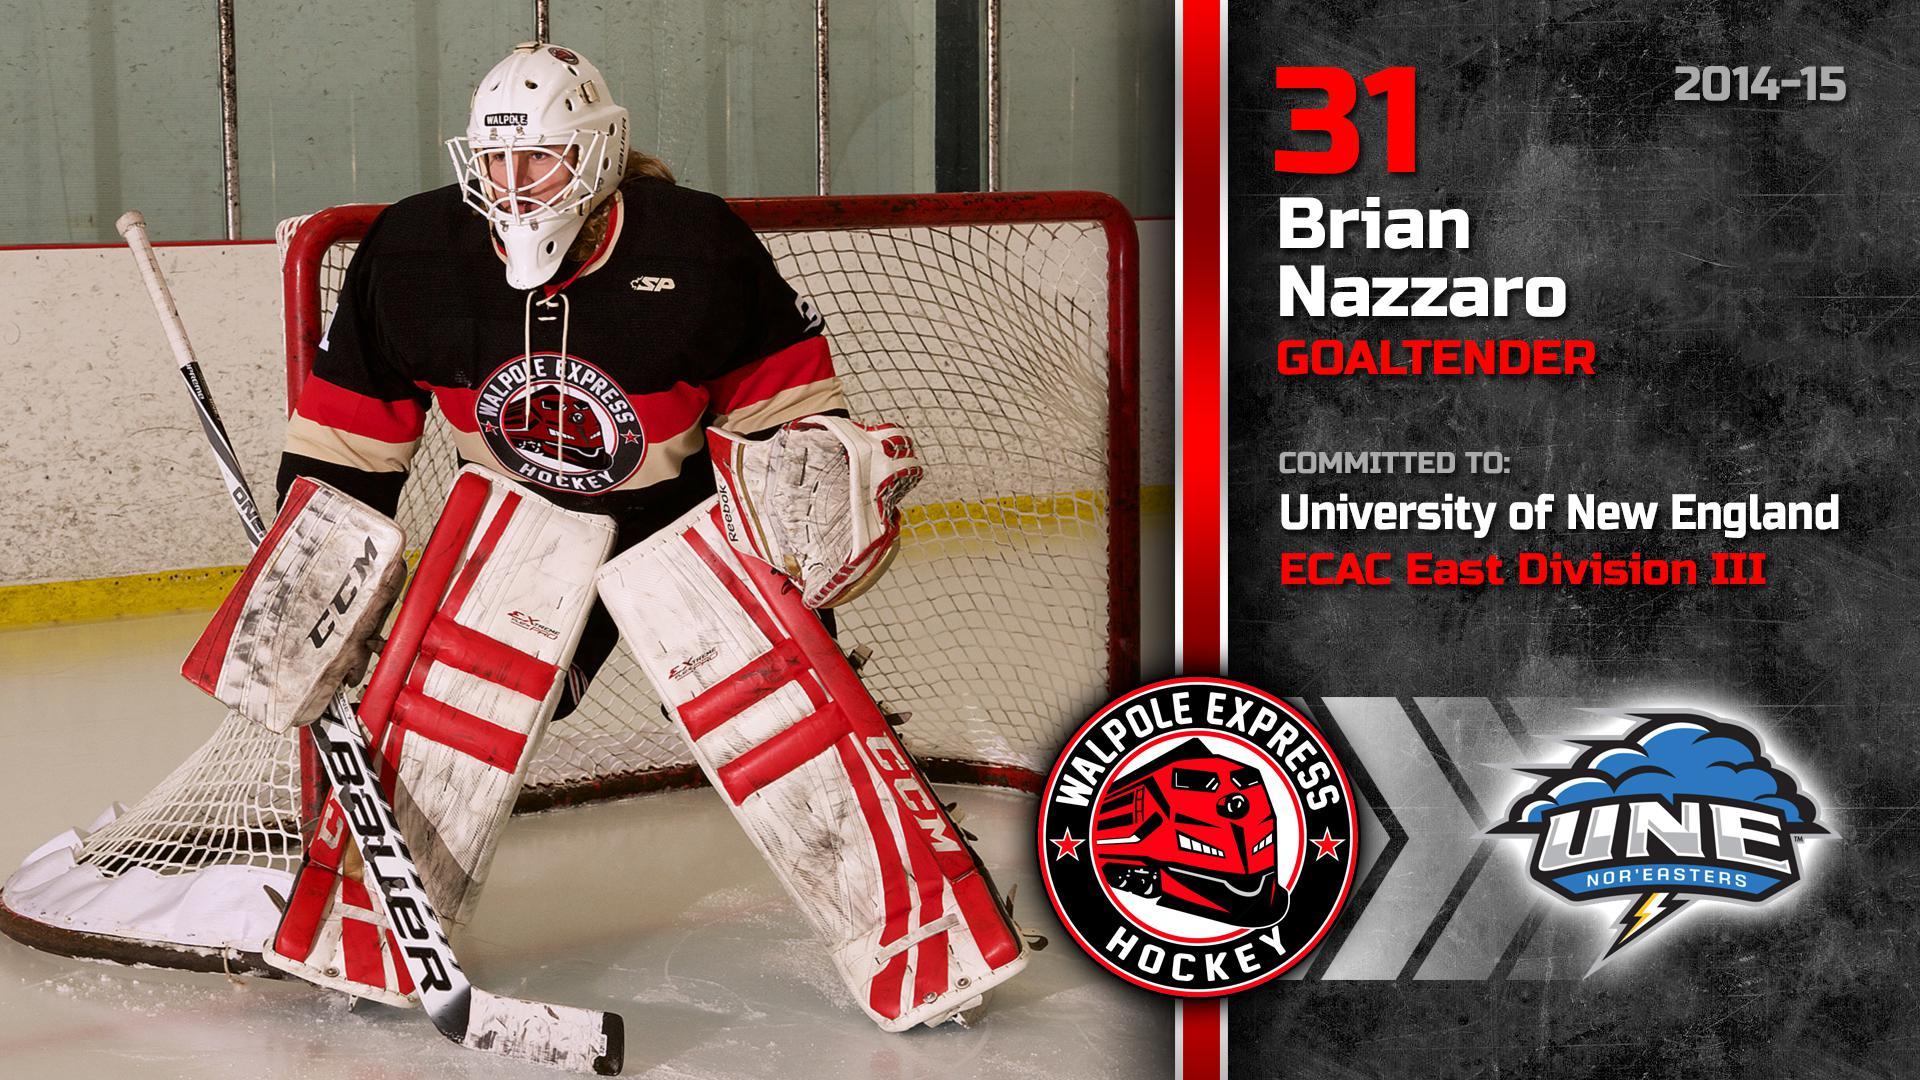 Brian Nazzaro